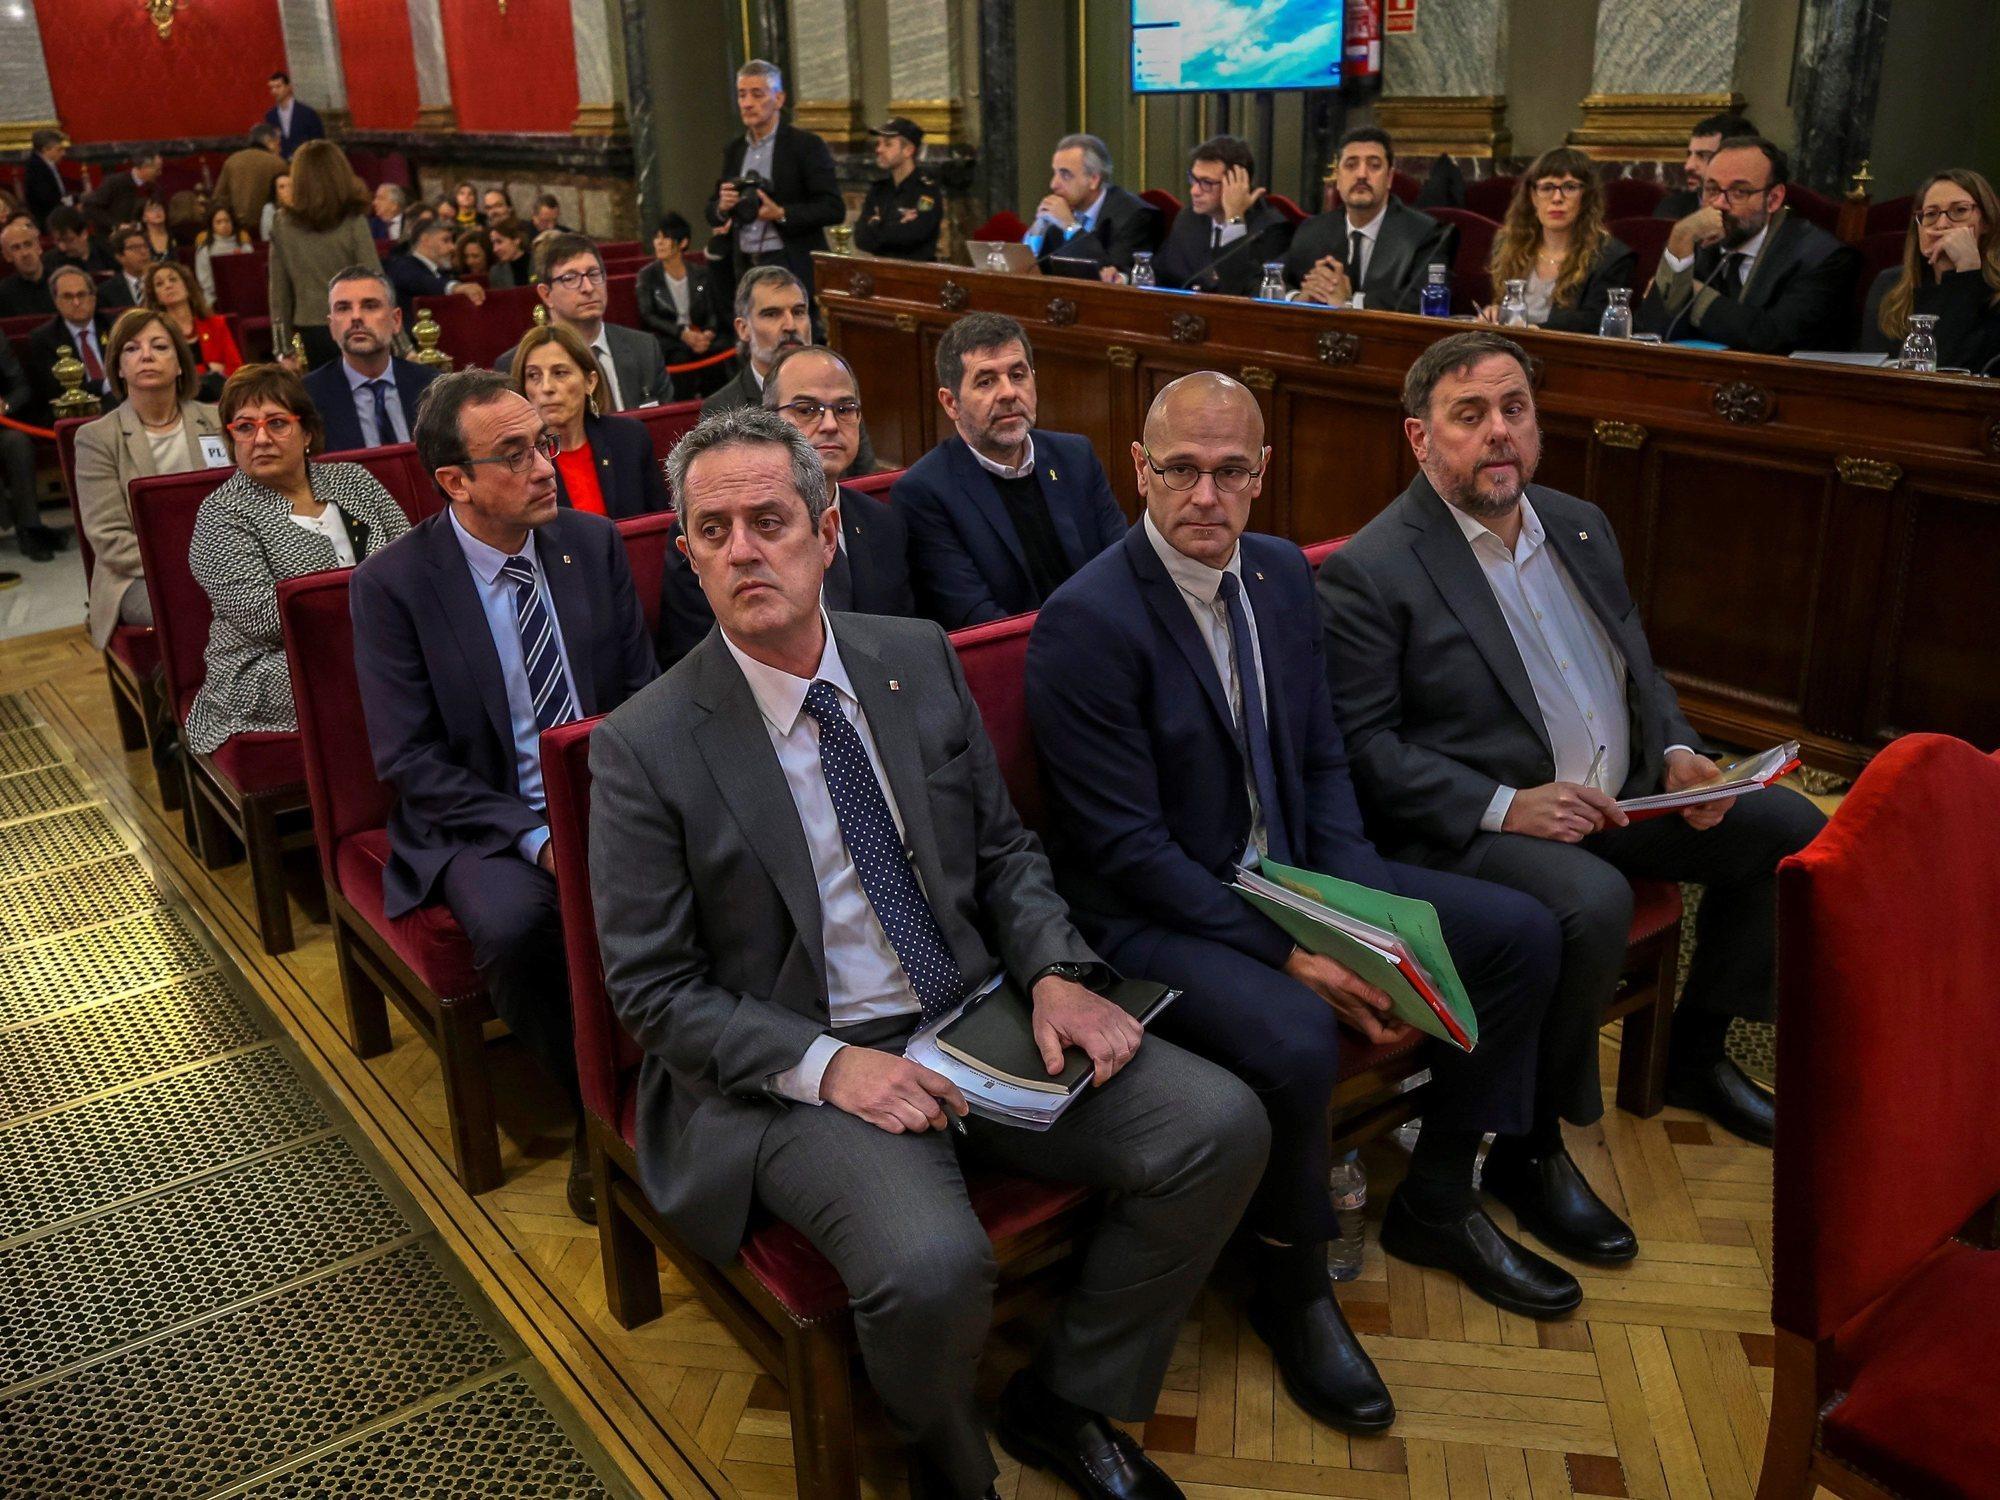 Sentencia del procés: Oriol Junqueras, condenado a 13 años de cárcel por sedición y malversación